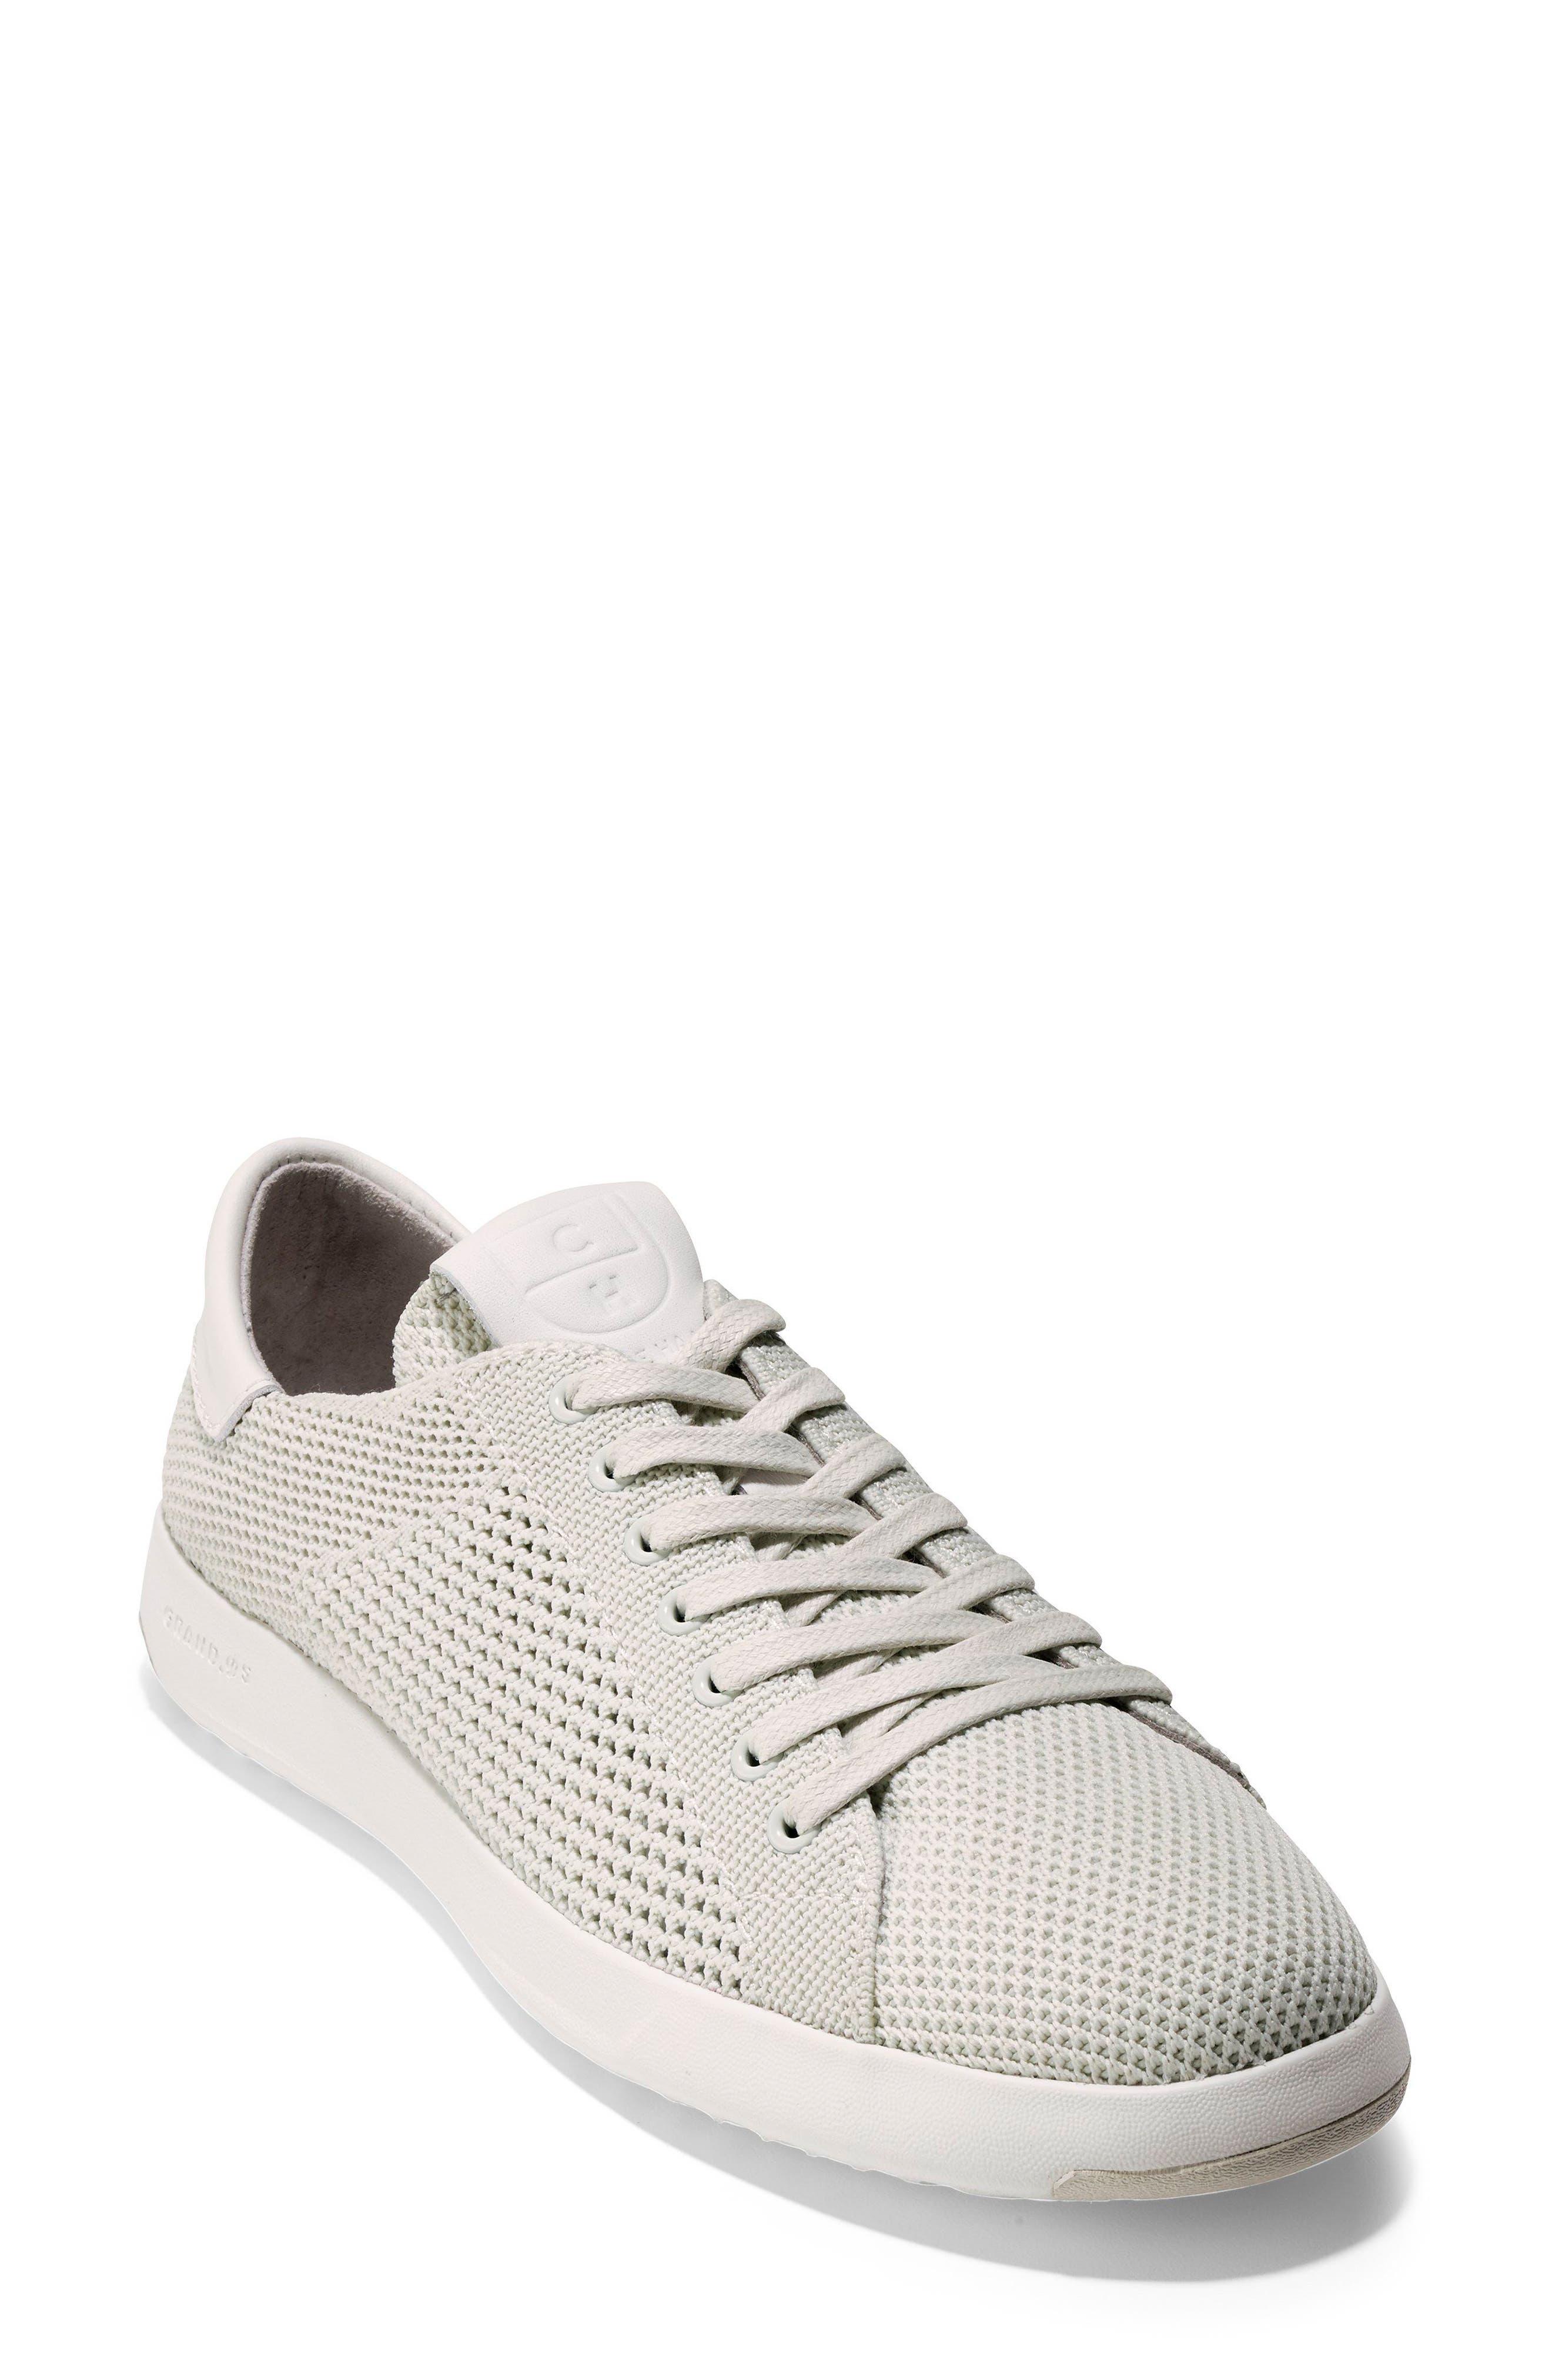 GrandPro Stitchlite Sneaker,                         Main,                         color, CHALK FABRIC